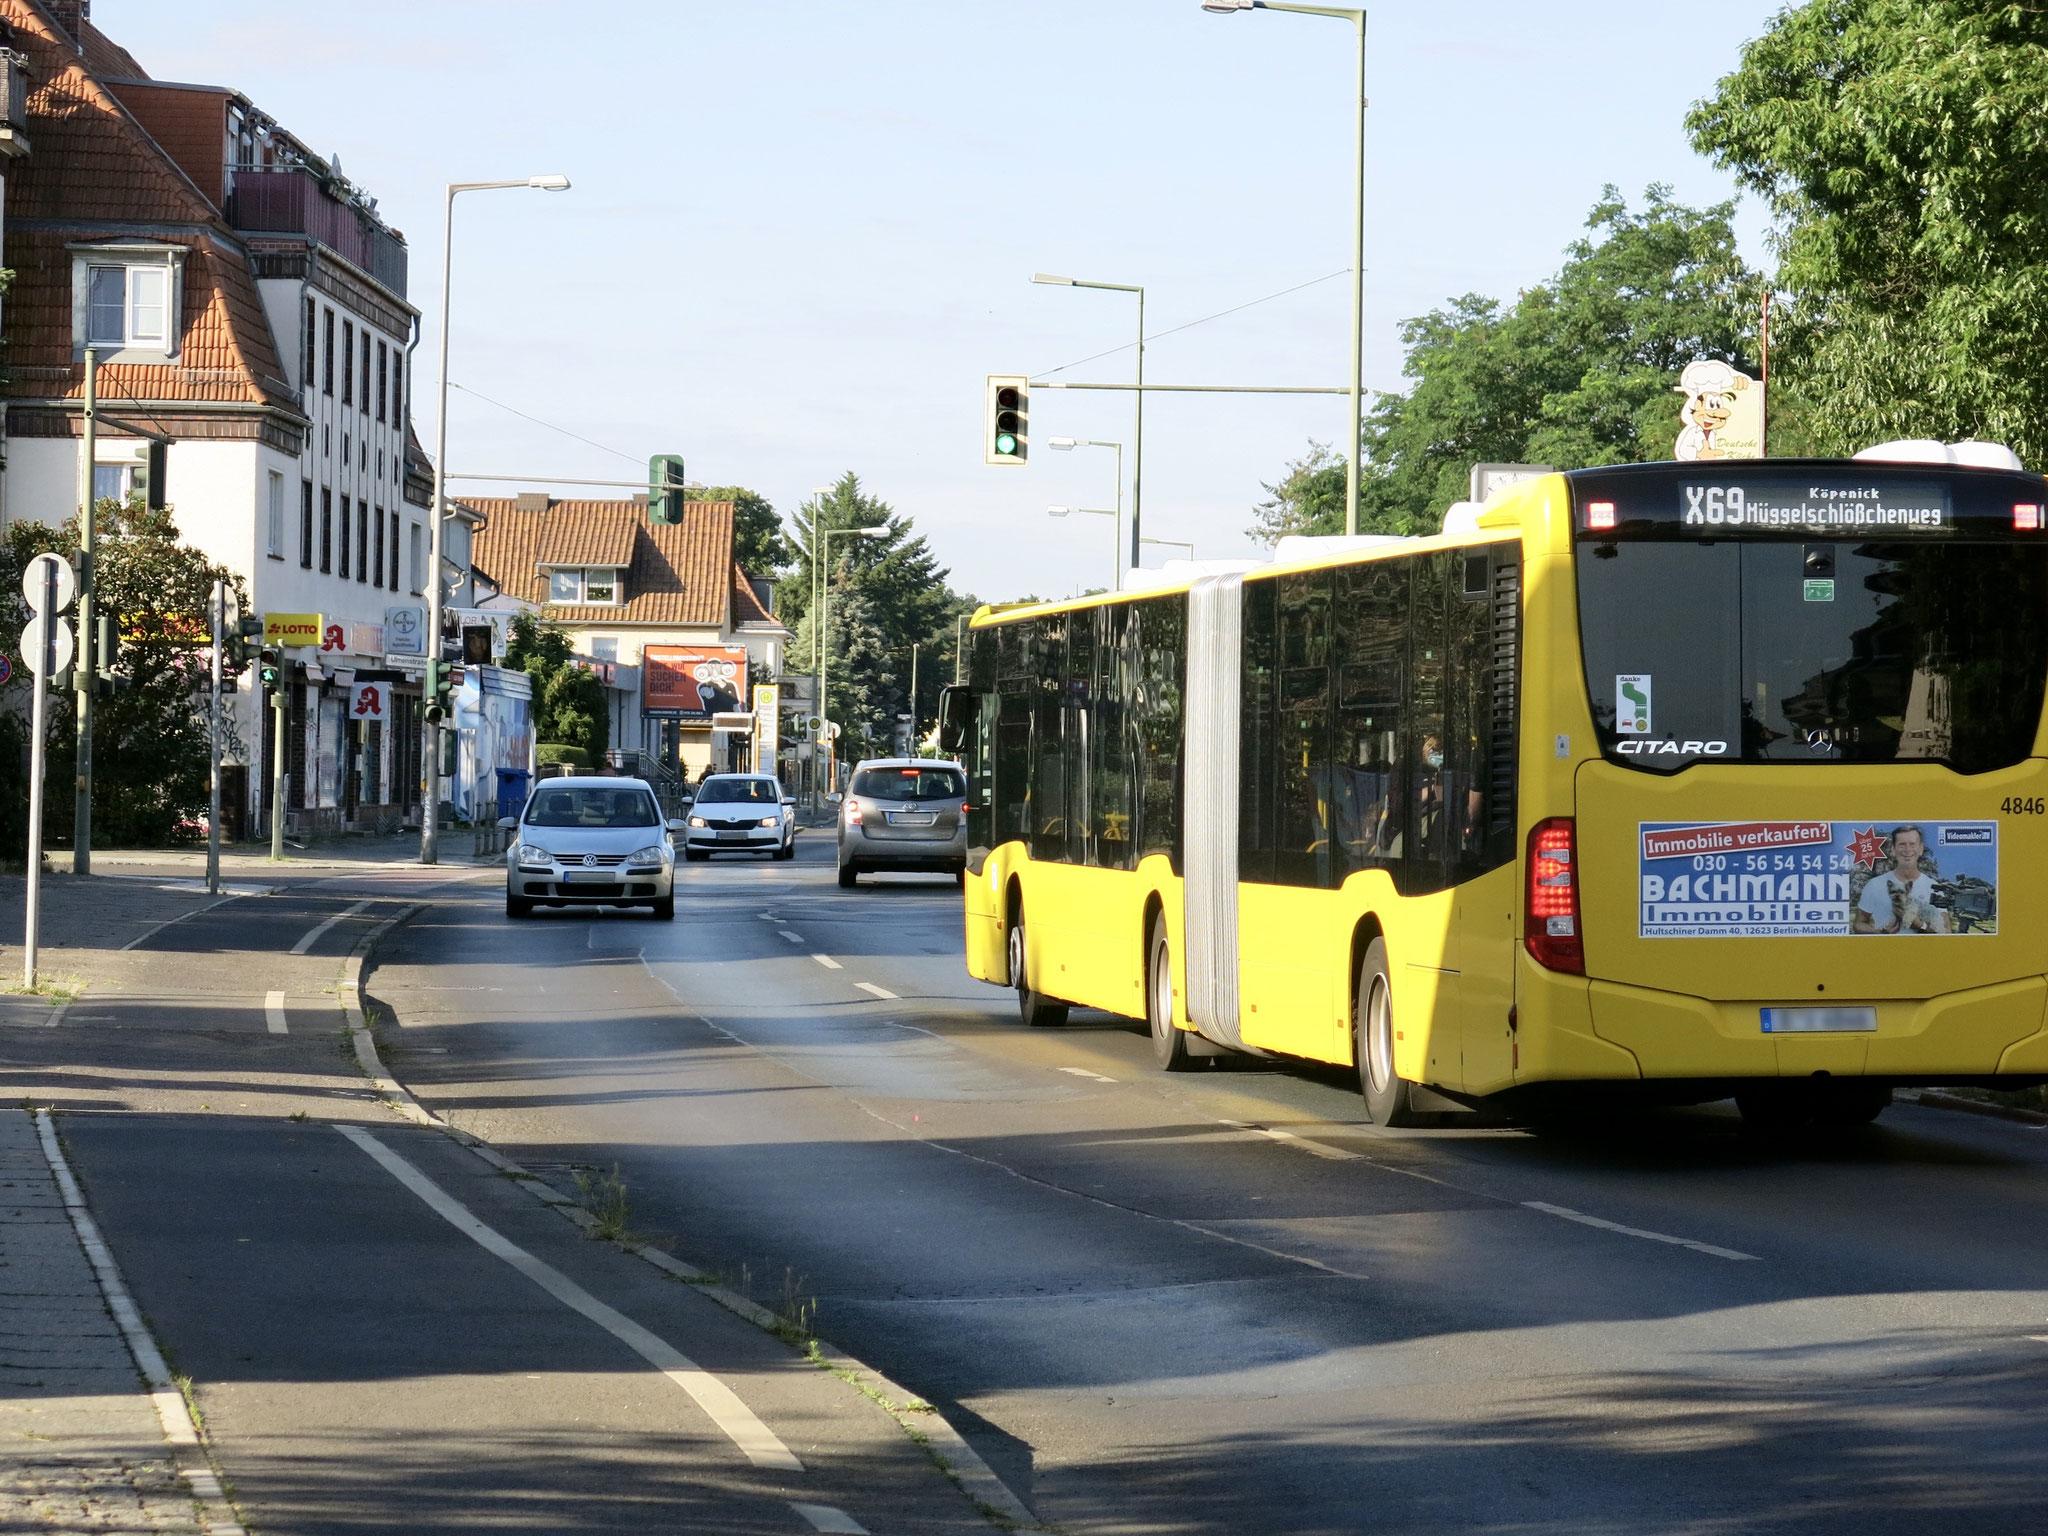 6. bis 17. Juli. Vollsperrung auf der Chemnitzer Straße zwischen Bergedorfer Straße und Ulmenstraße